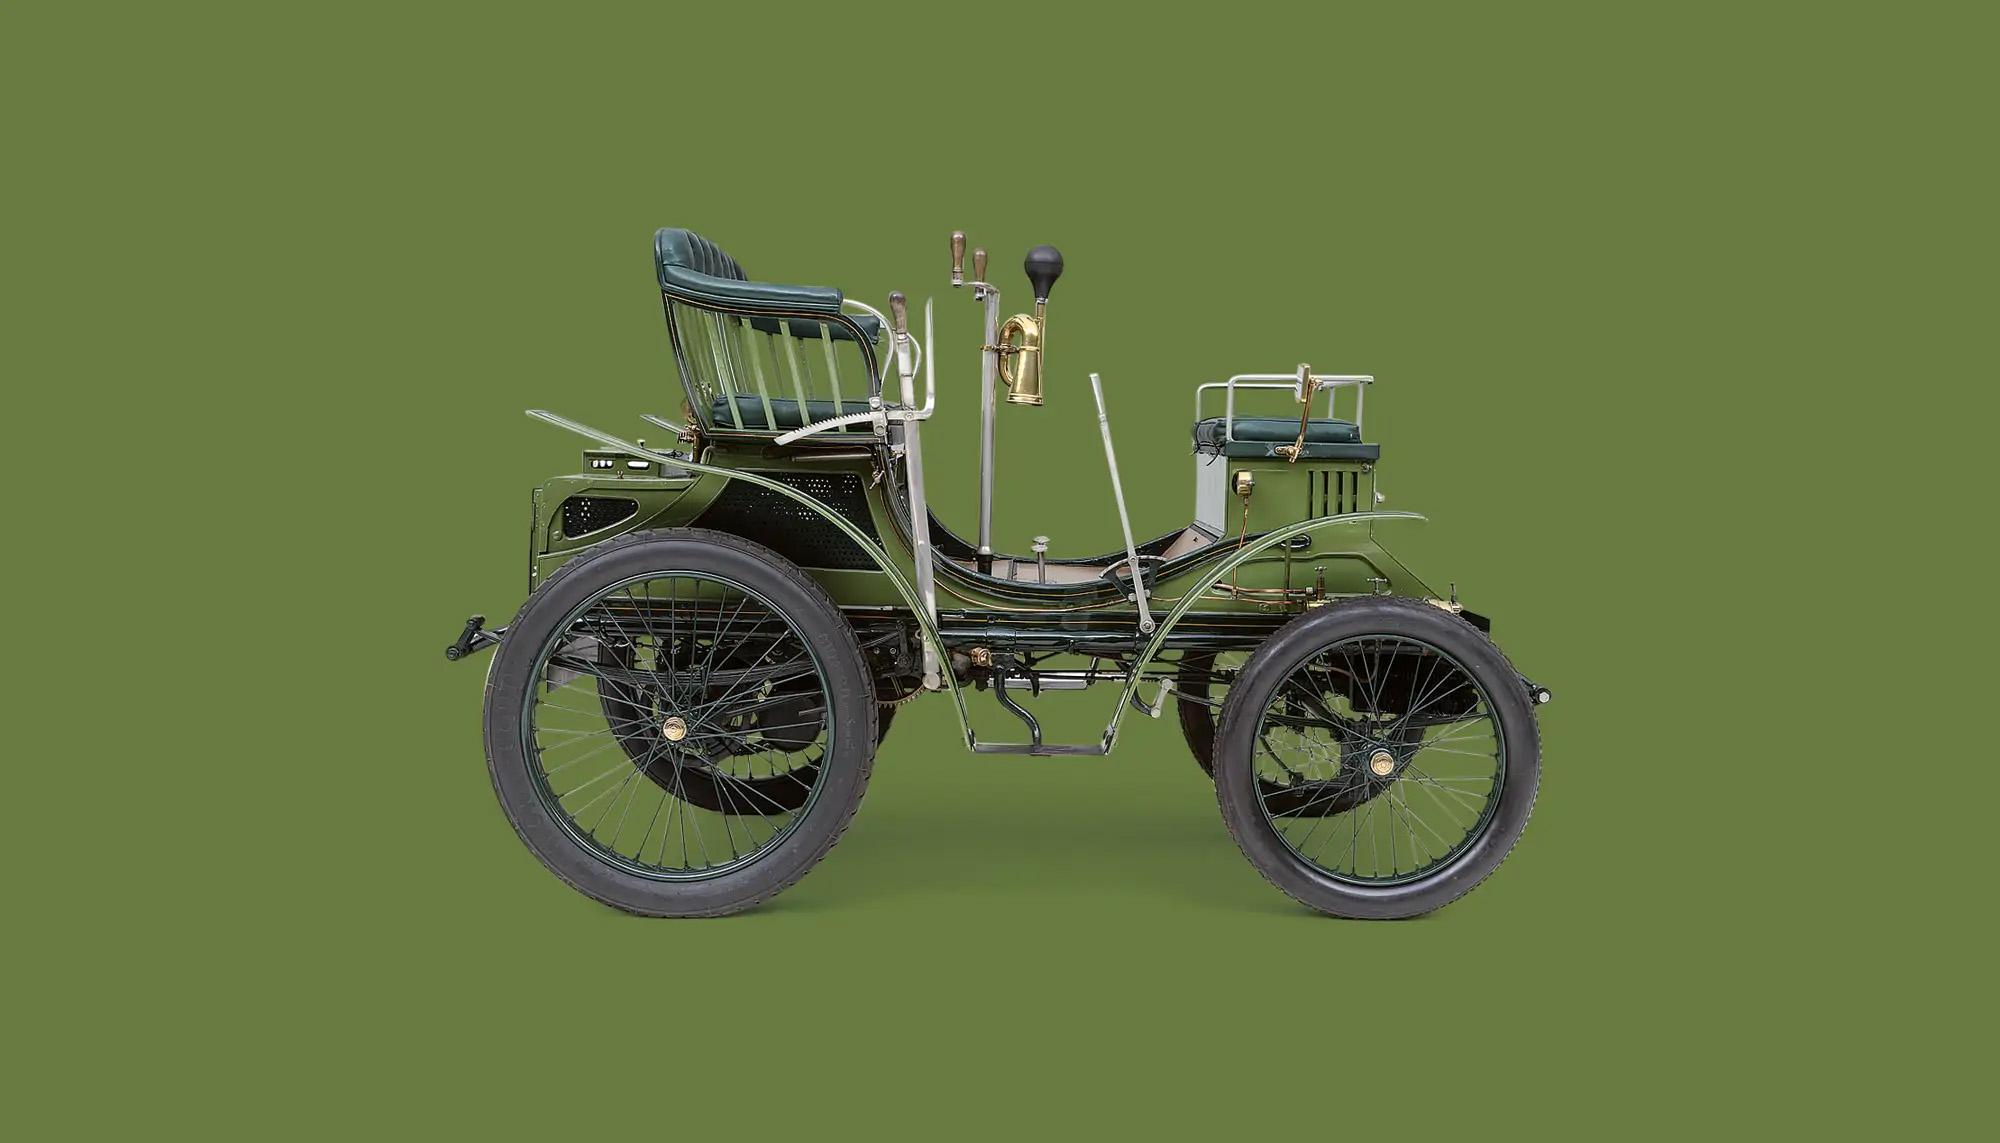 Bekijk Peugeot Type 31 5-HP Duc in het Louwman Museum